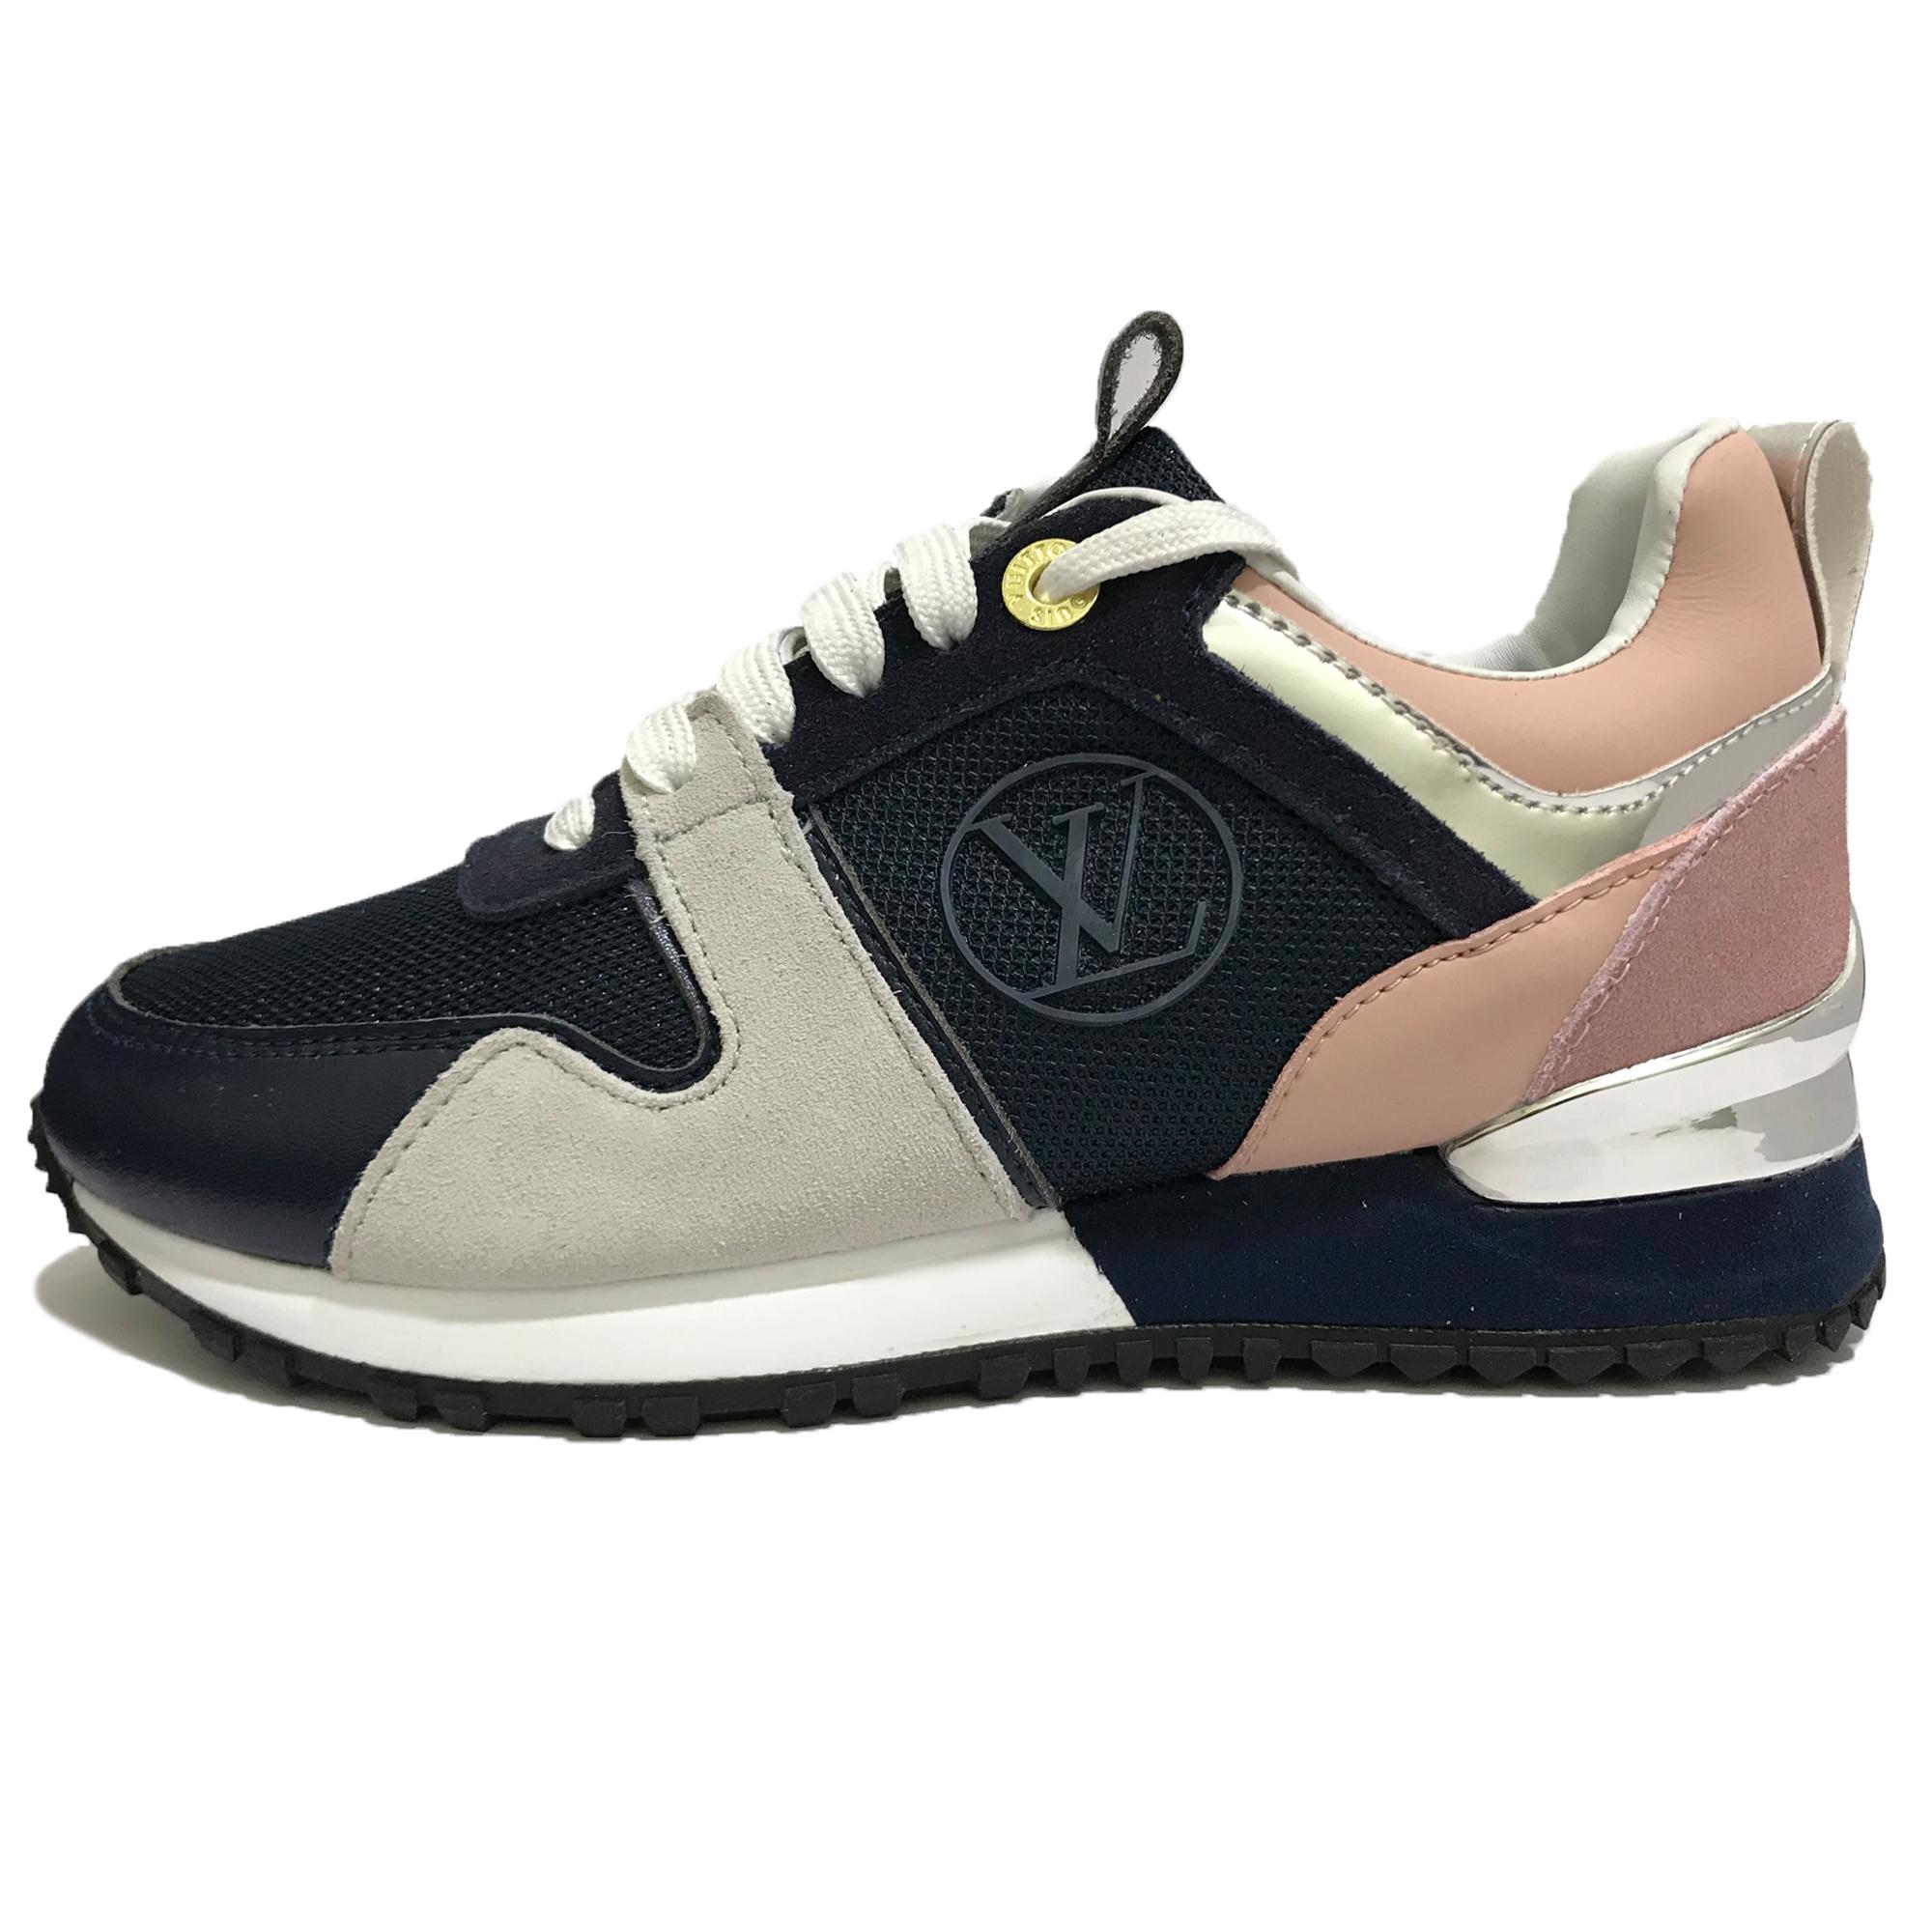 کفش مخصوص پیاده روی زنانه مدل LVP